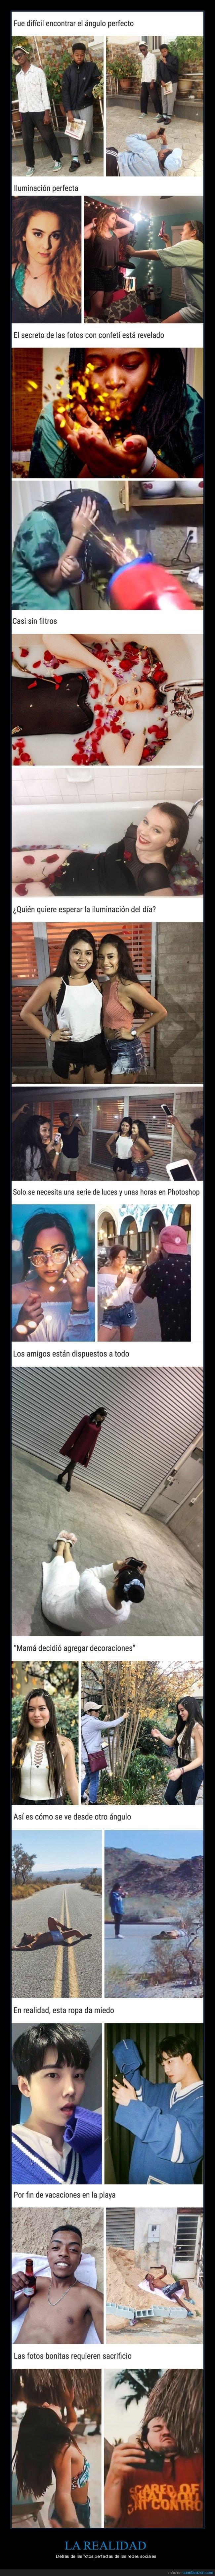 fotos,realidad,redes sociales